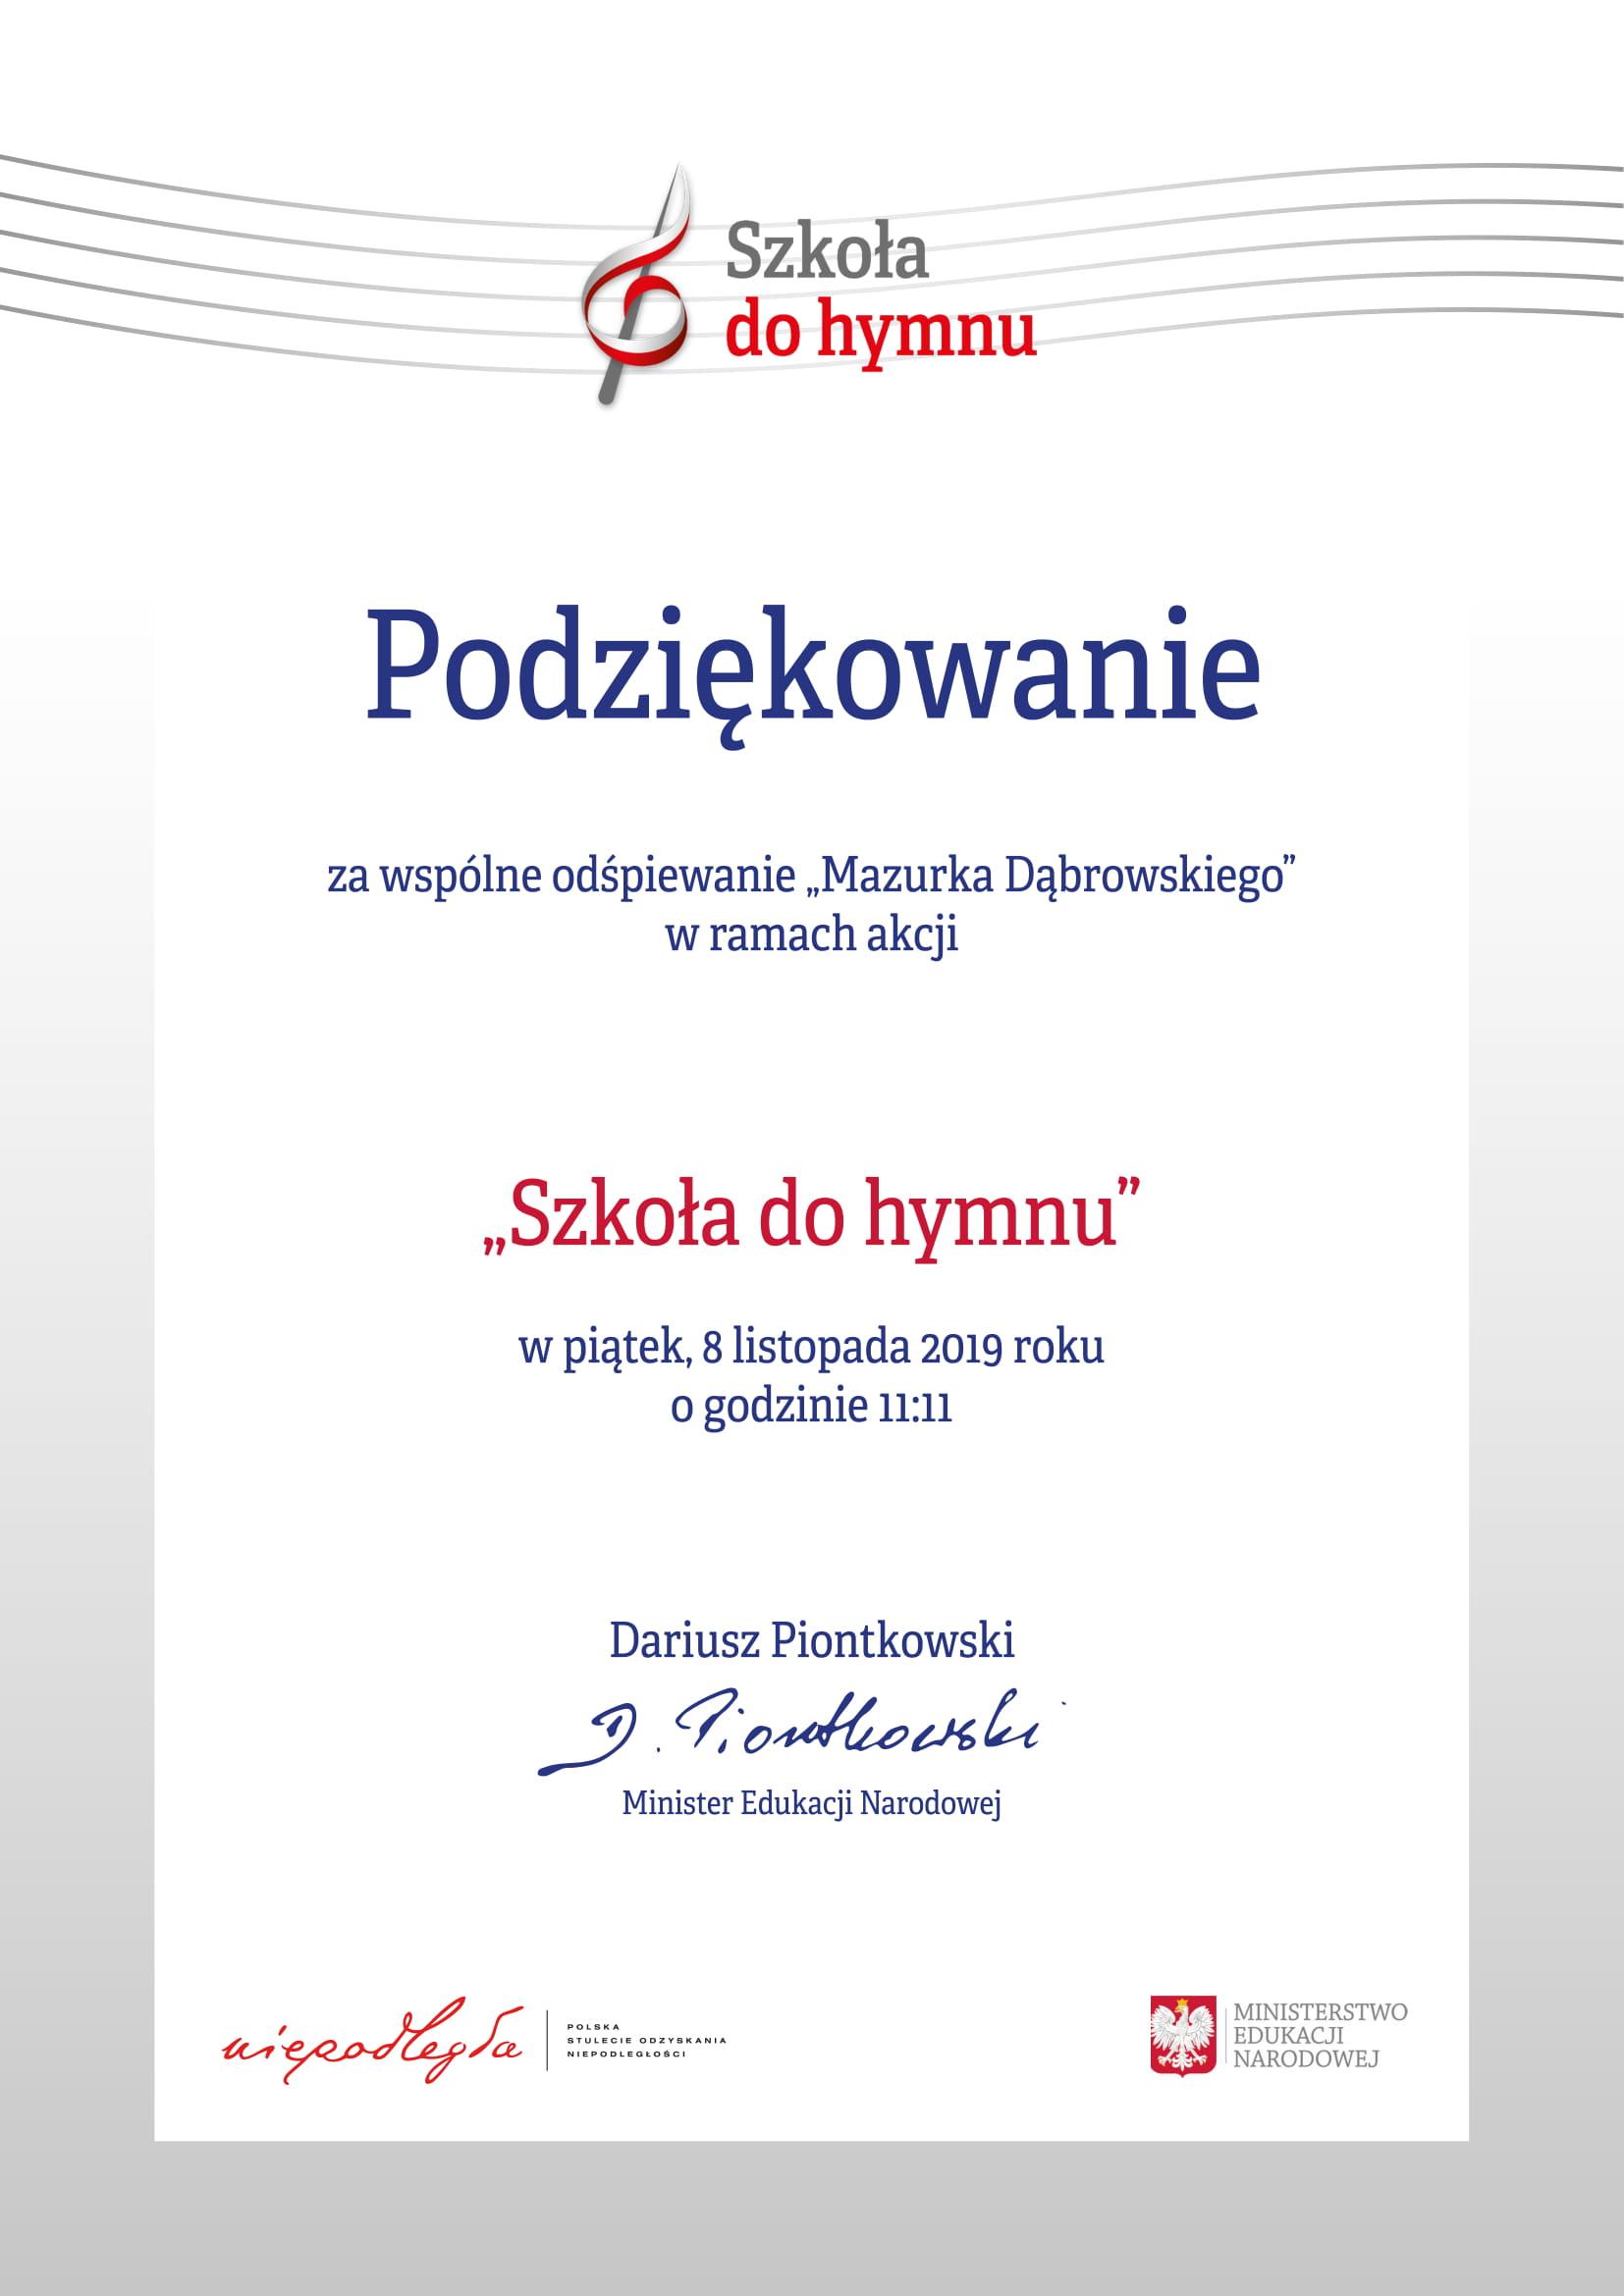 Dyplom - Szkoła do hymnu